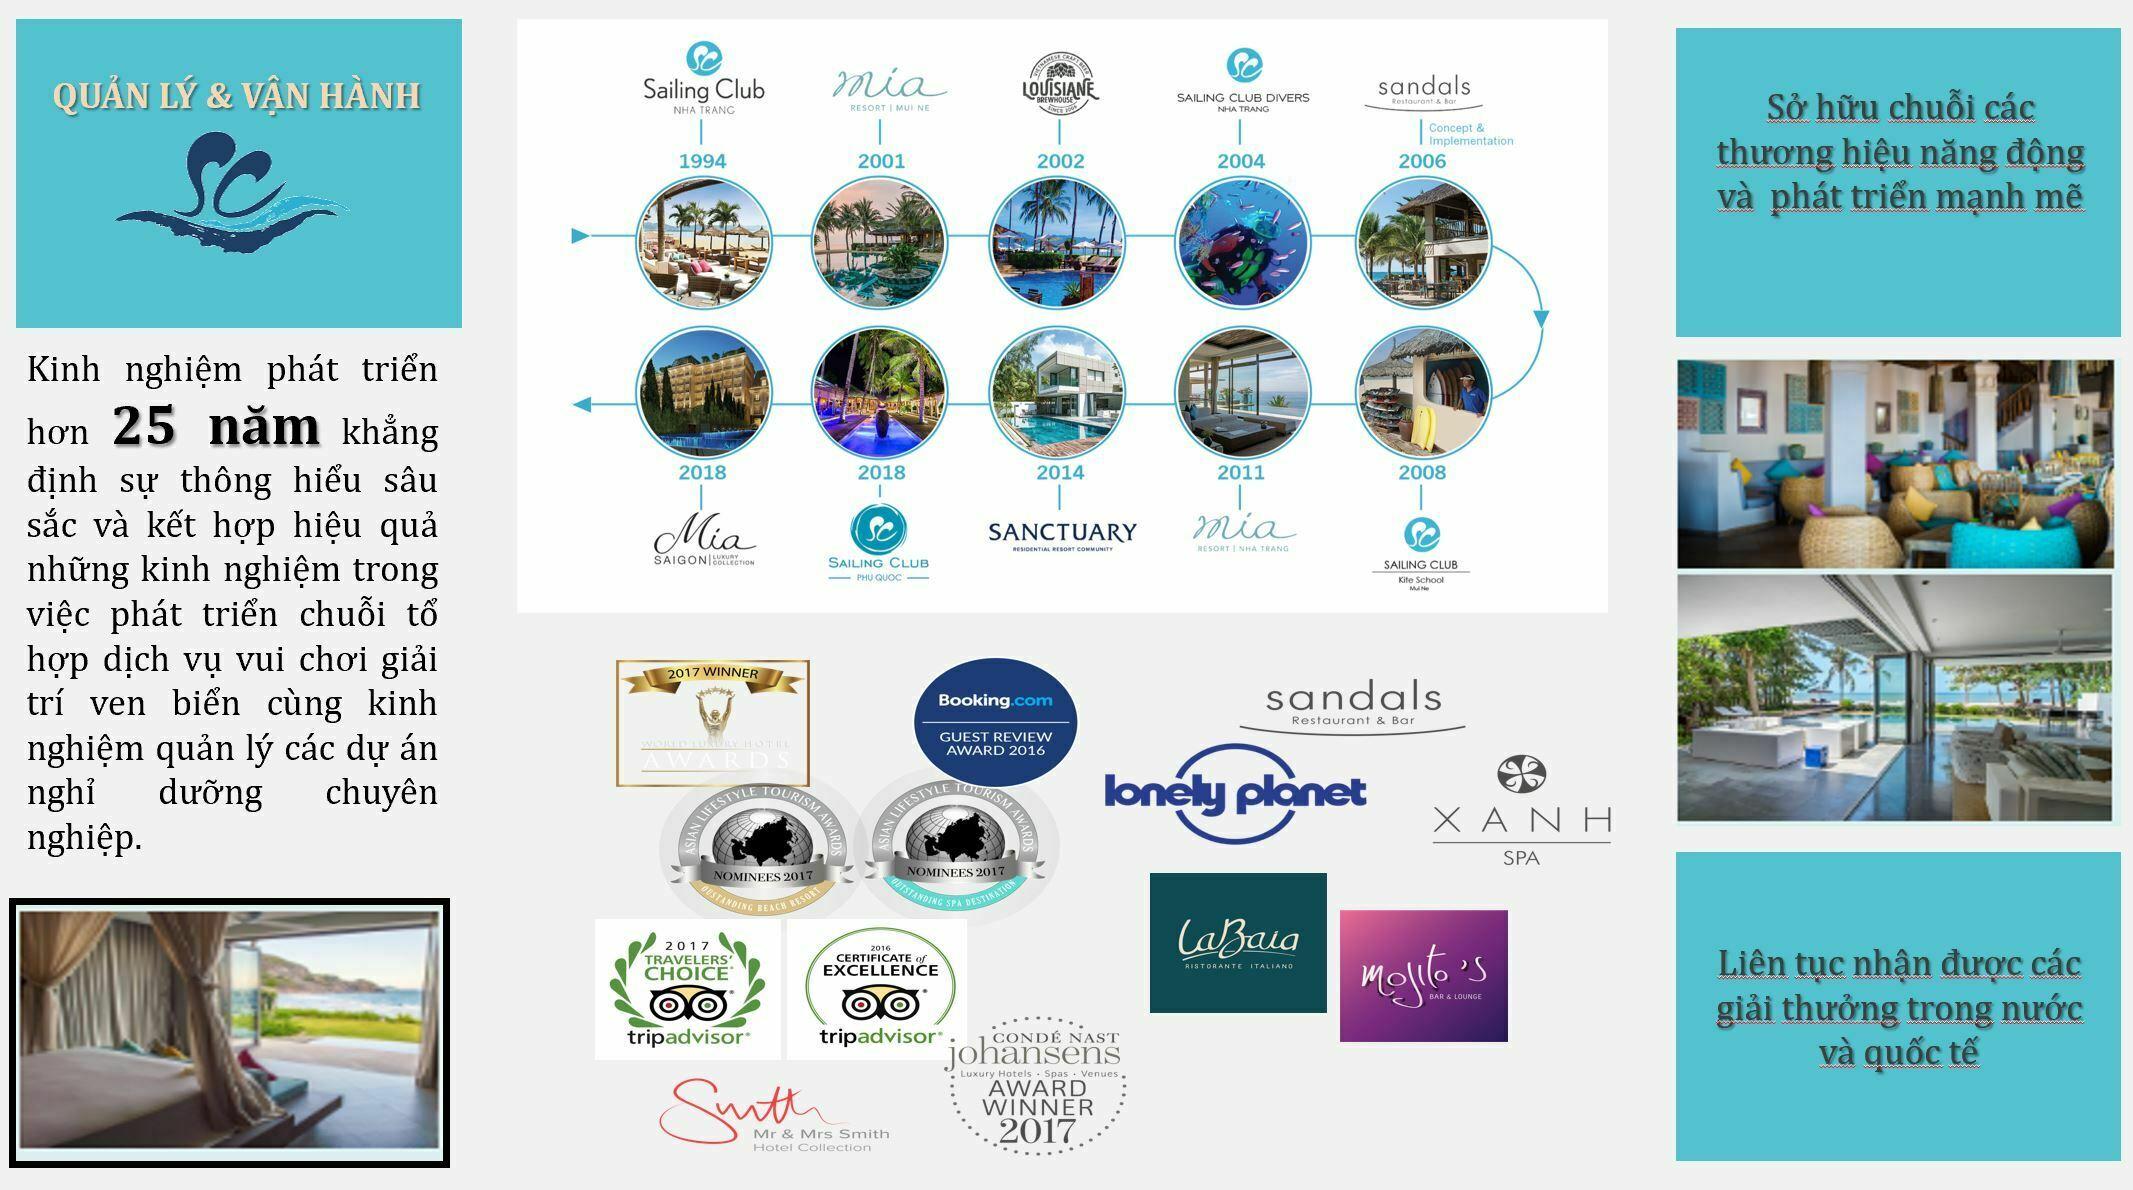 Các chuỗi dự án do Sailing Club Leisure Group quản lý vận hành vô cùng sôi động và giàu năng lượng